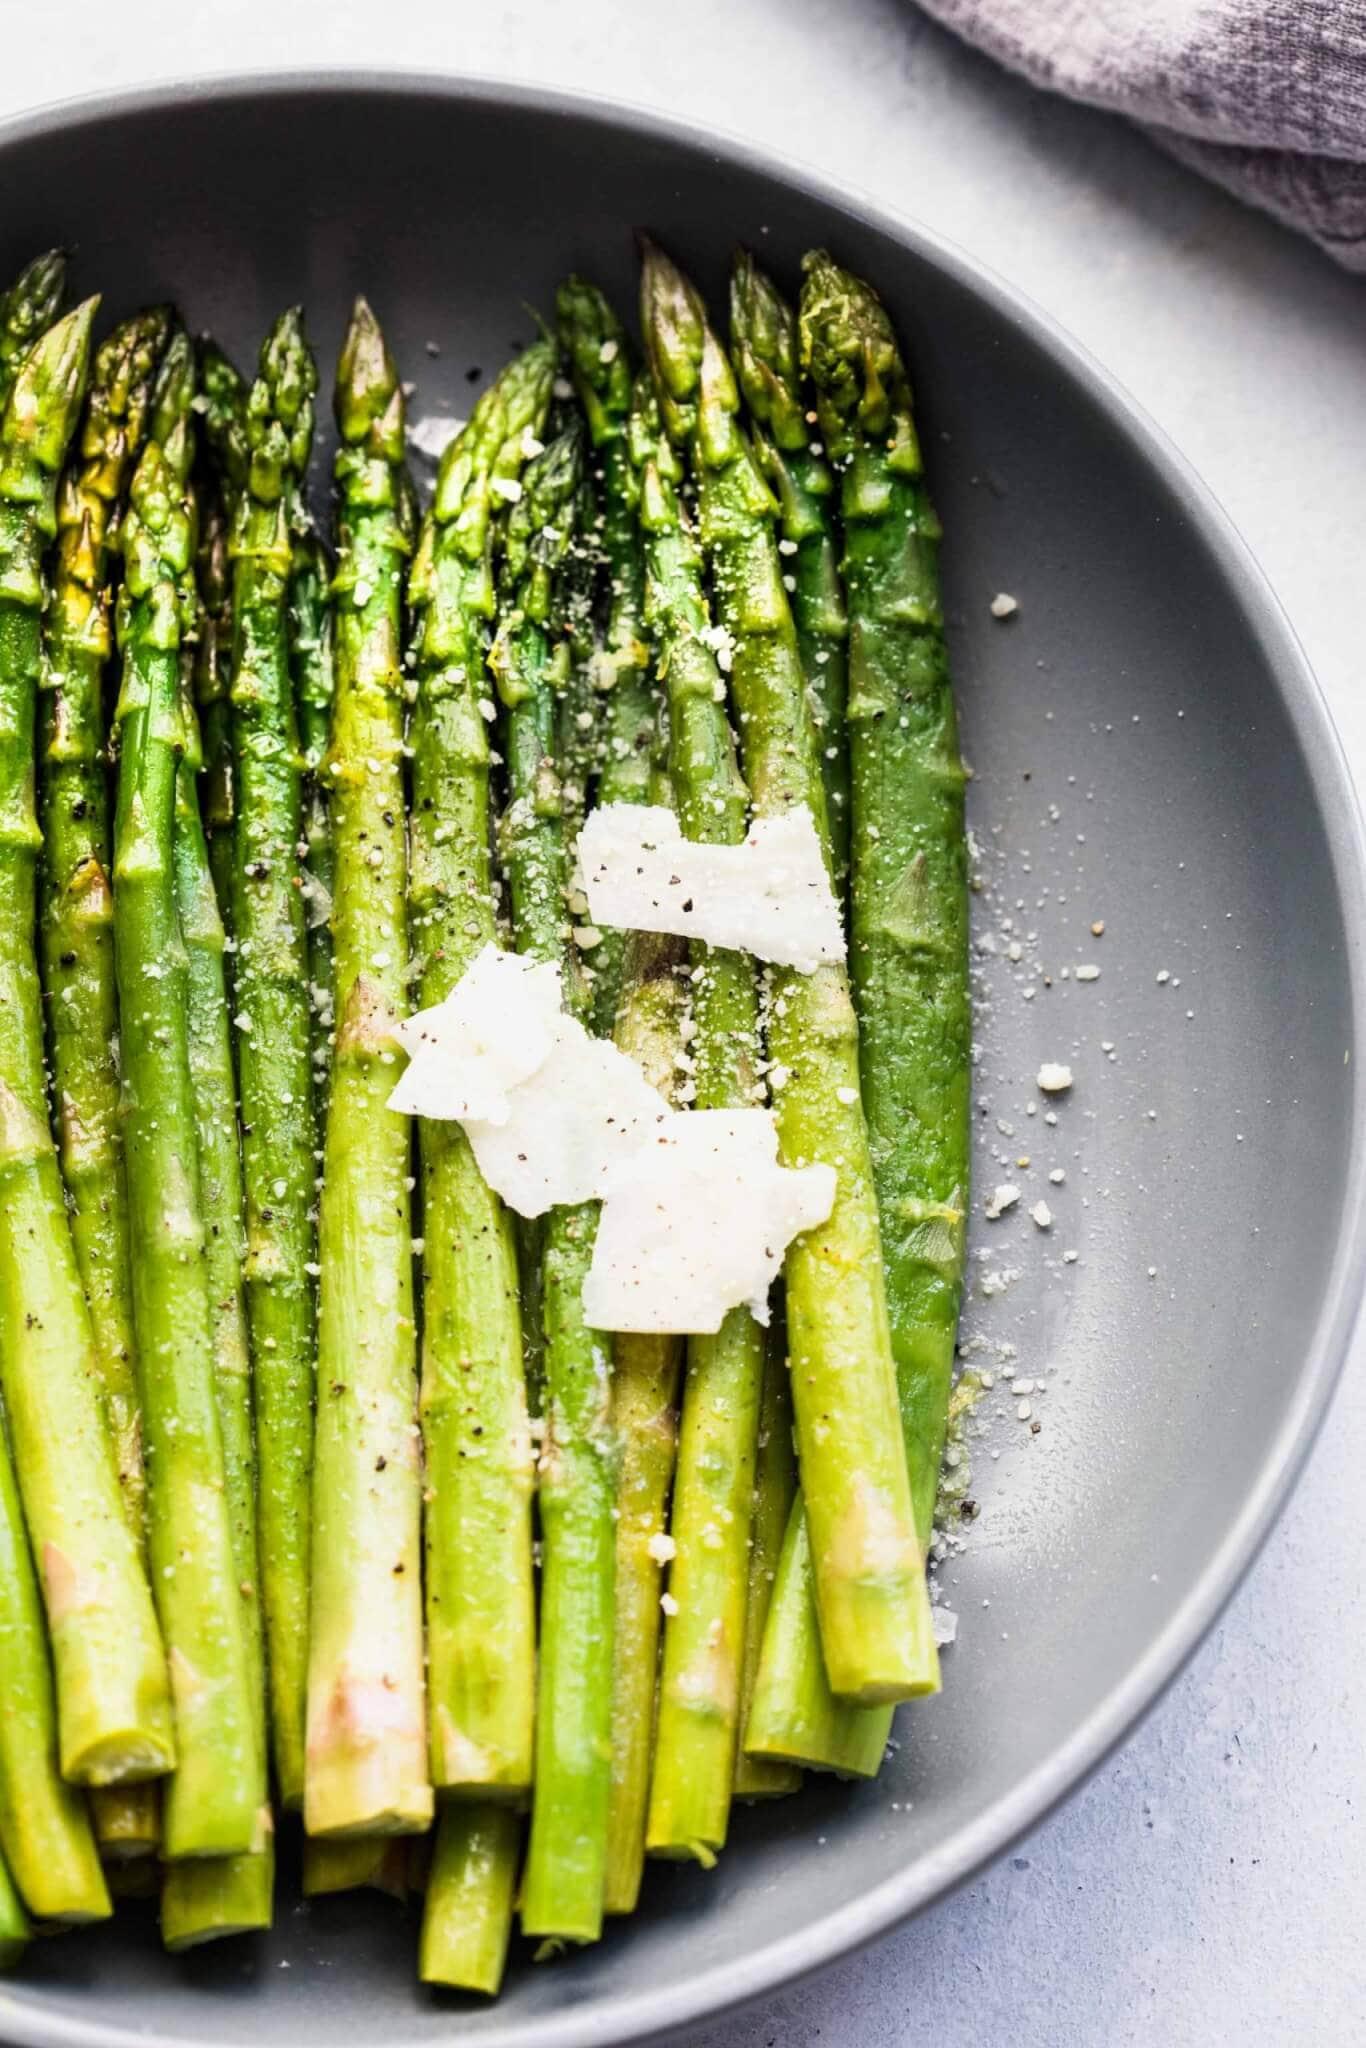 Sous Vide Asparagus 3 Flavoring Ideas Platings Pairings